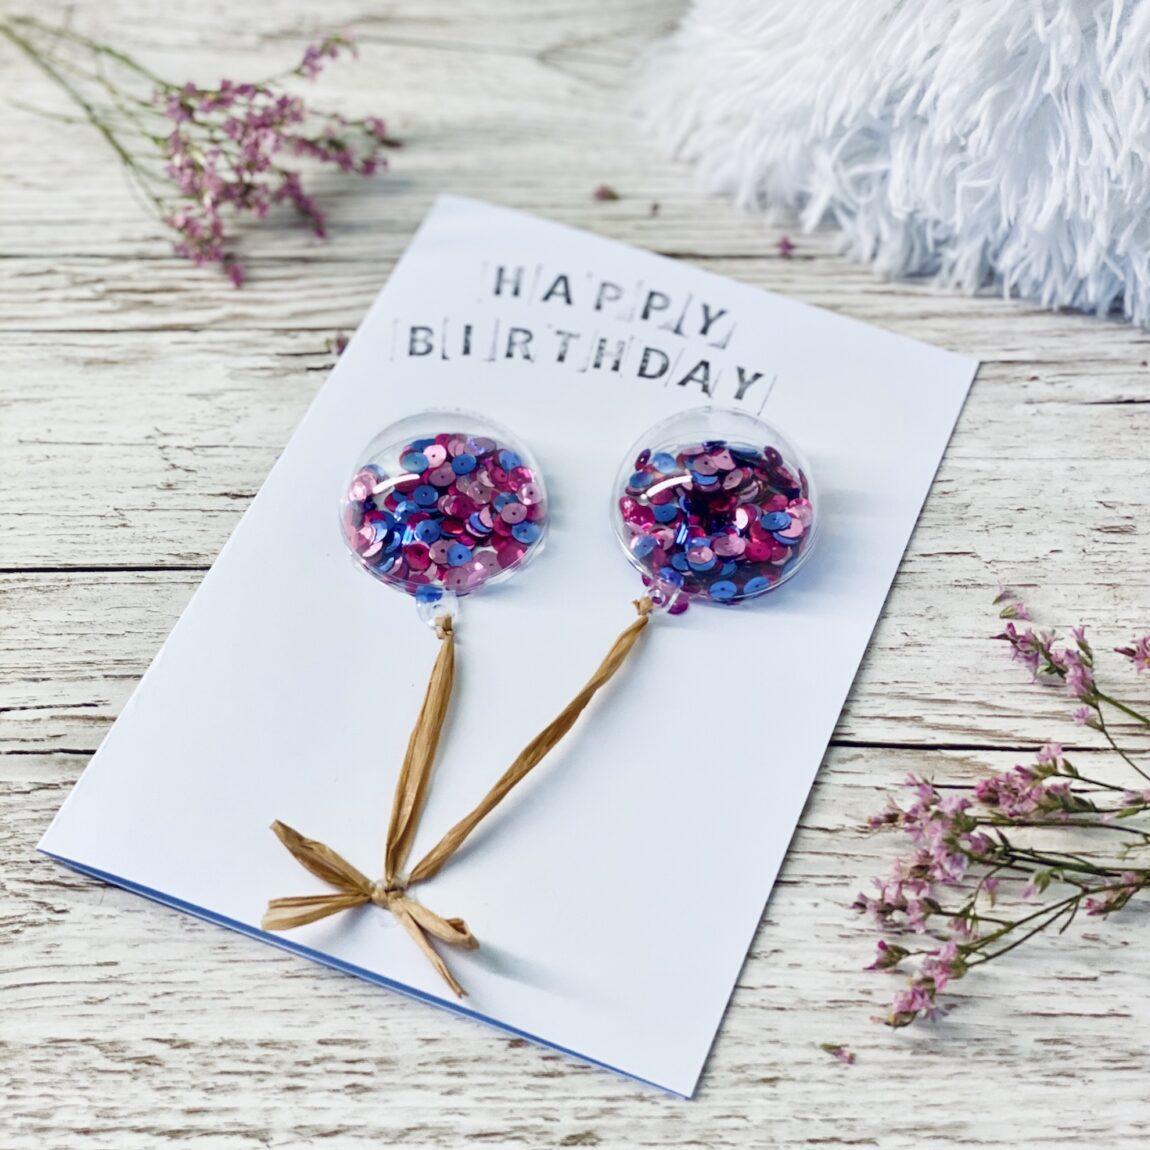 Geburtstagskarte mit Glitzerballons selber machen